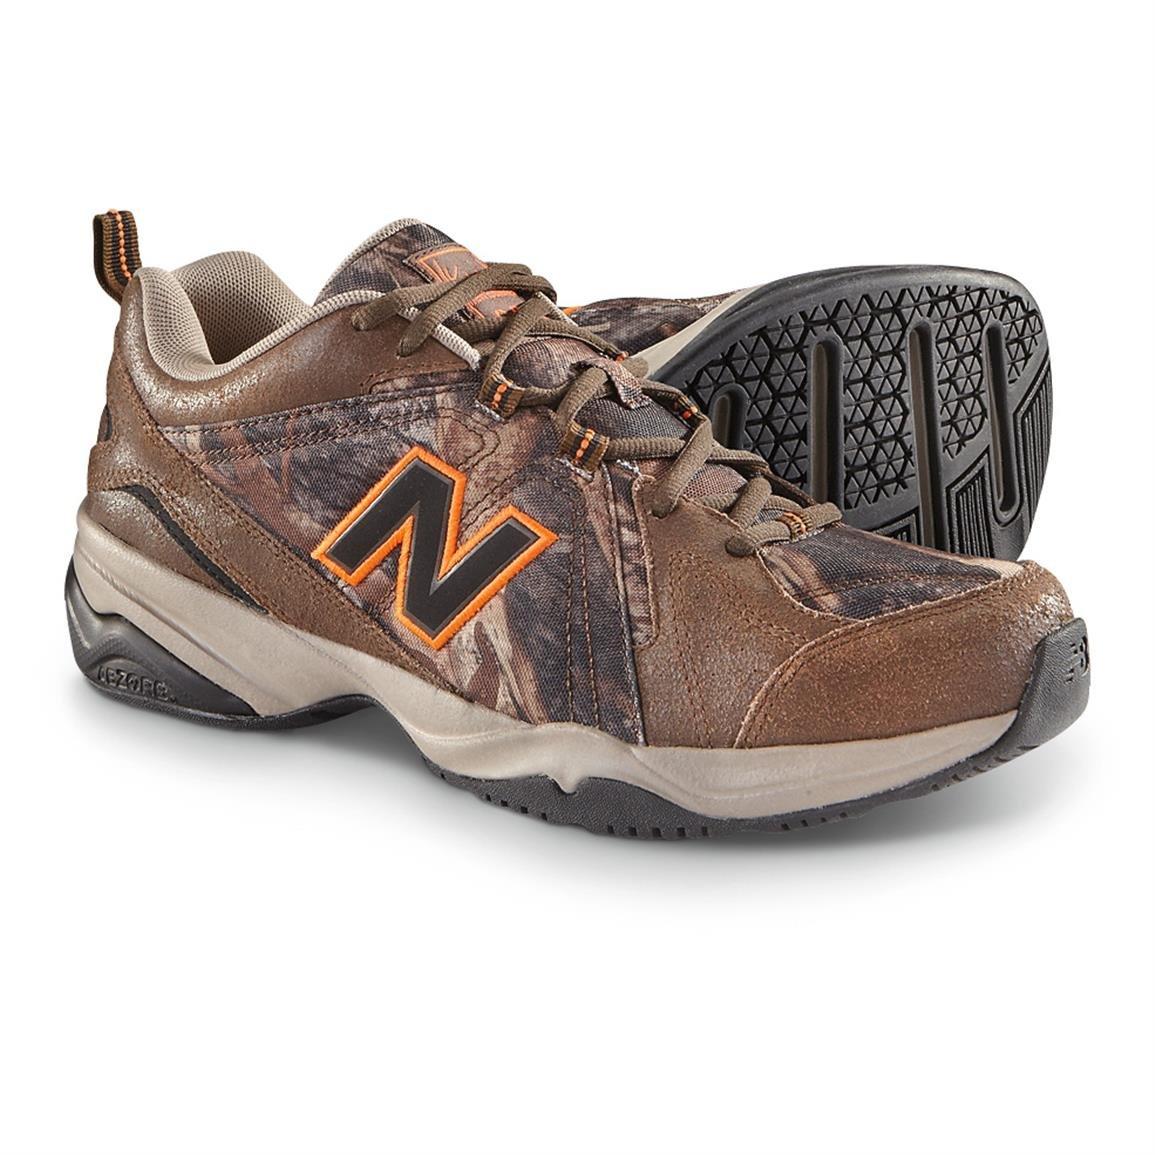 New Balance Men's MX608v4 Training Shoe, Universal Camo Print, 8.5 4E US